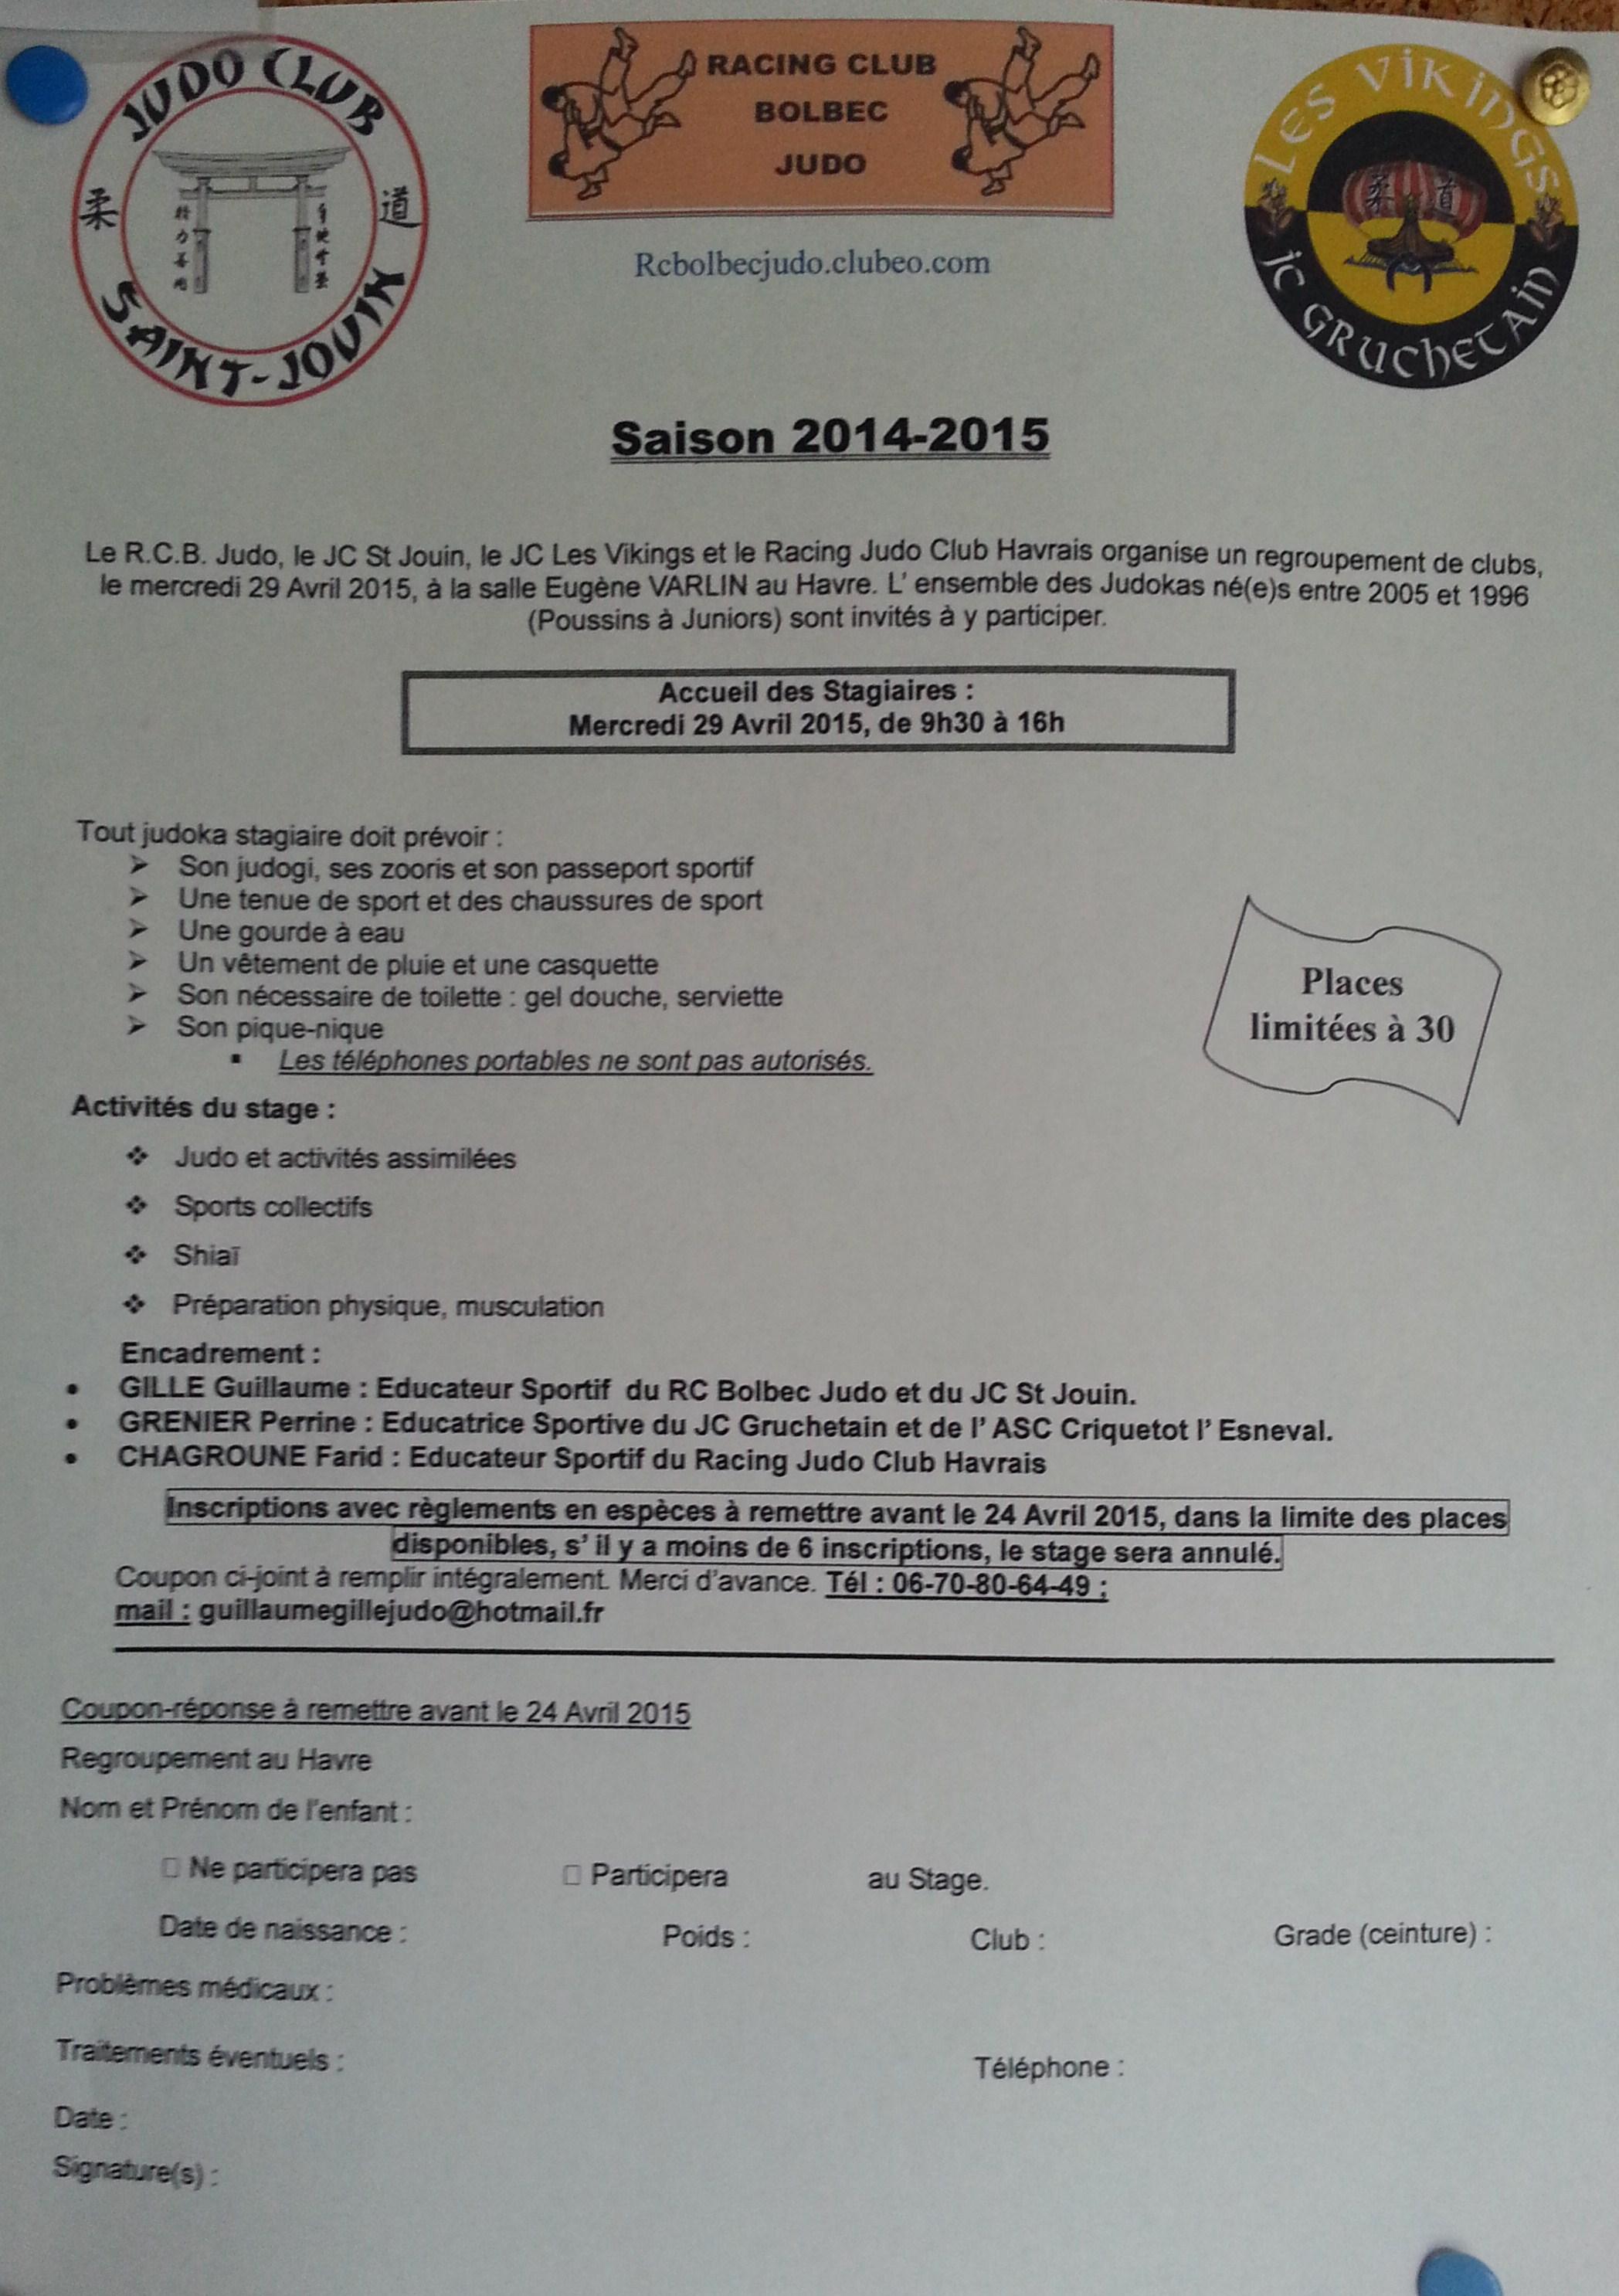 stage de poussins(ines) à juniors du 29 avril 2015 au rjch